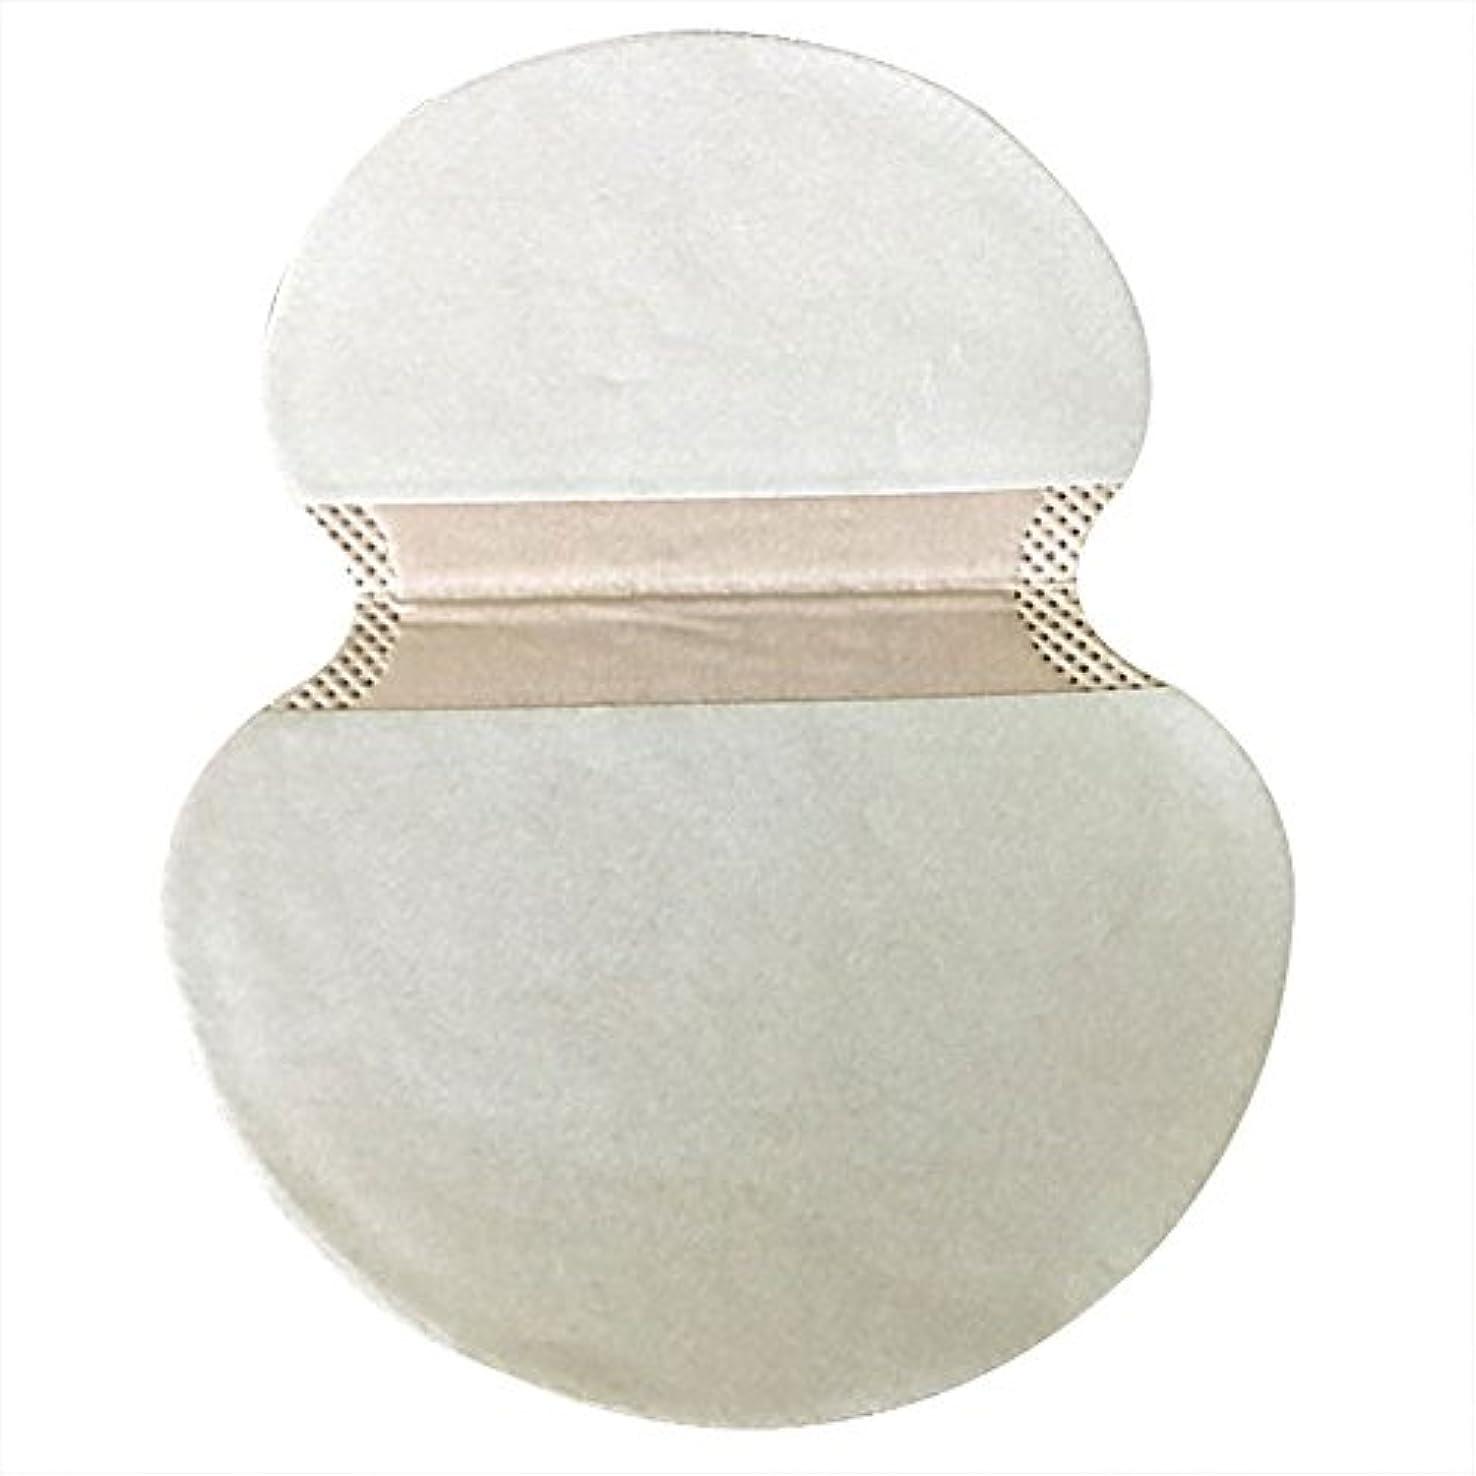 サルベージ社員日焼けkiirou 汗取りパッド わき汗パット 10枚セット さらさら あせジミ防止 防臭シート 無香料 メンズ レディース 大きめ